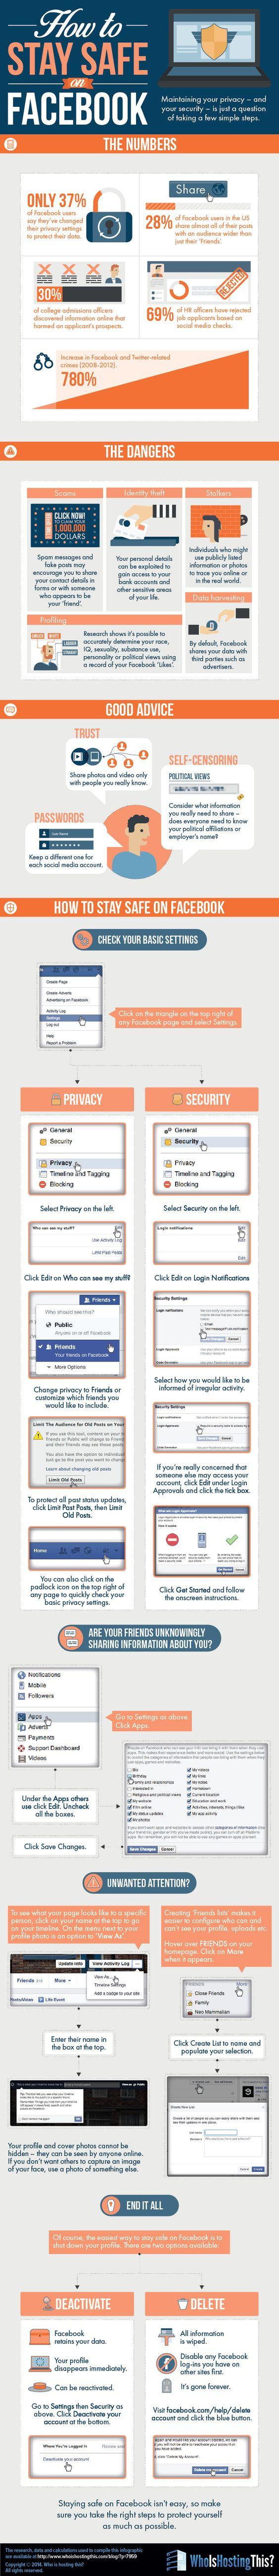 Tipps zur #Sicherheit auf #Facebook - #Infografik Infographic: How to stay safe on Facebook